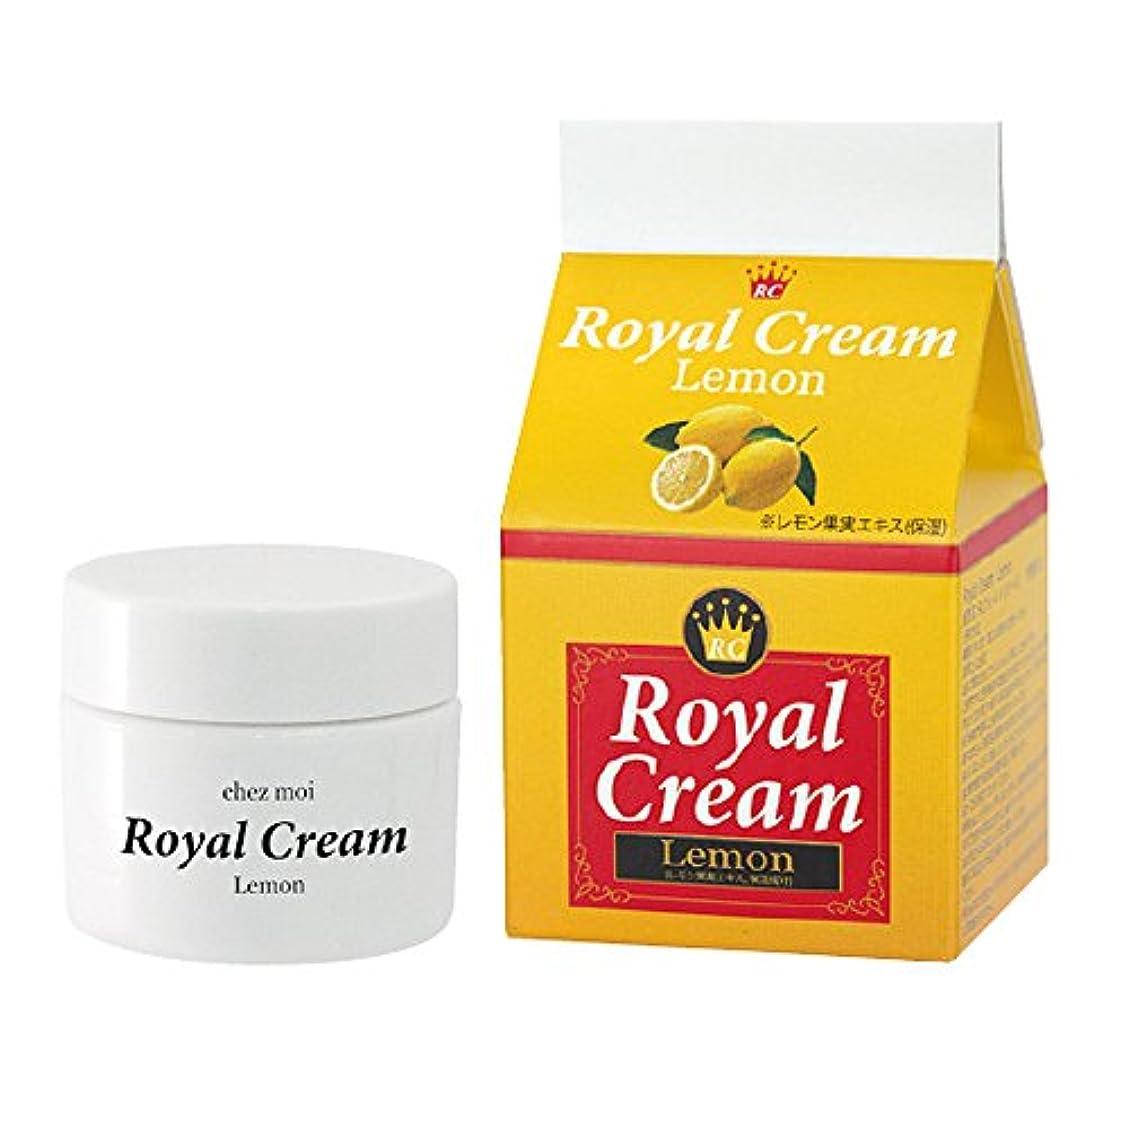 オフカポックストライプシェモア Royal Cream Lemon(ロイヤルクリームレモン) 30g